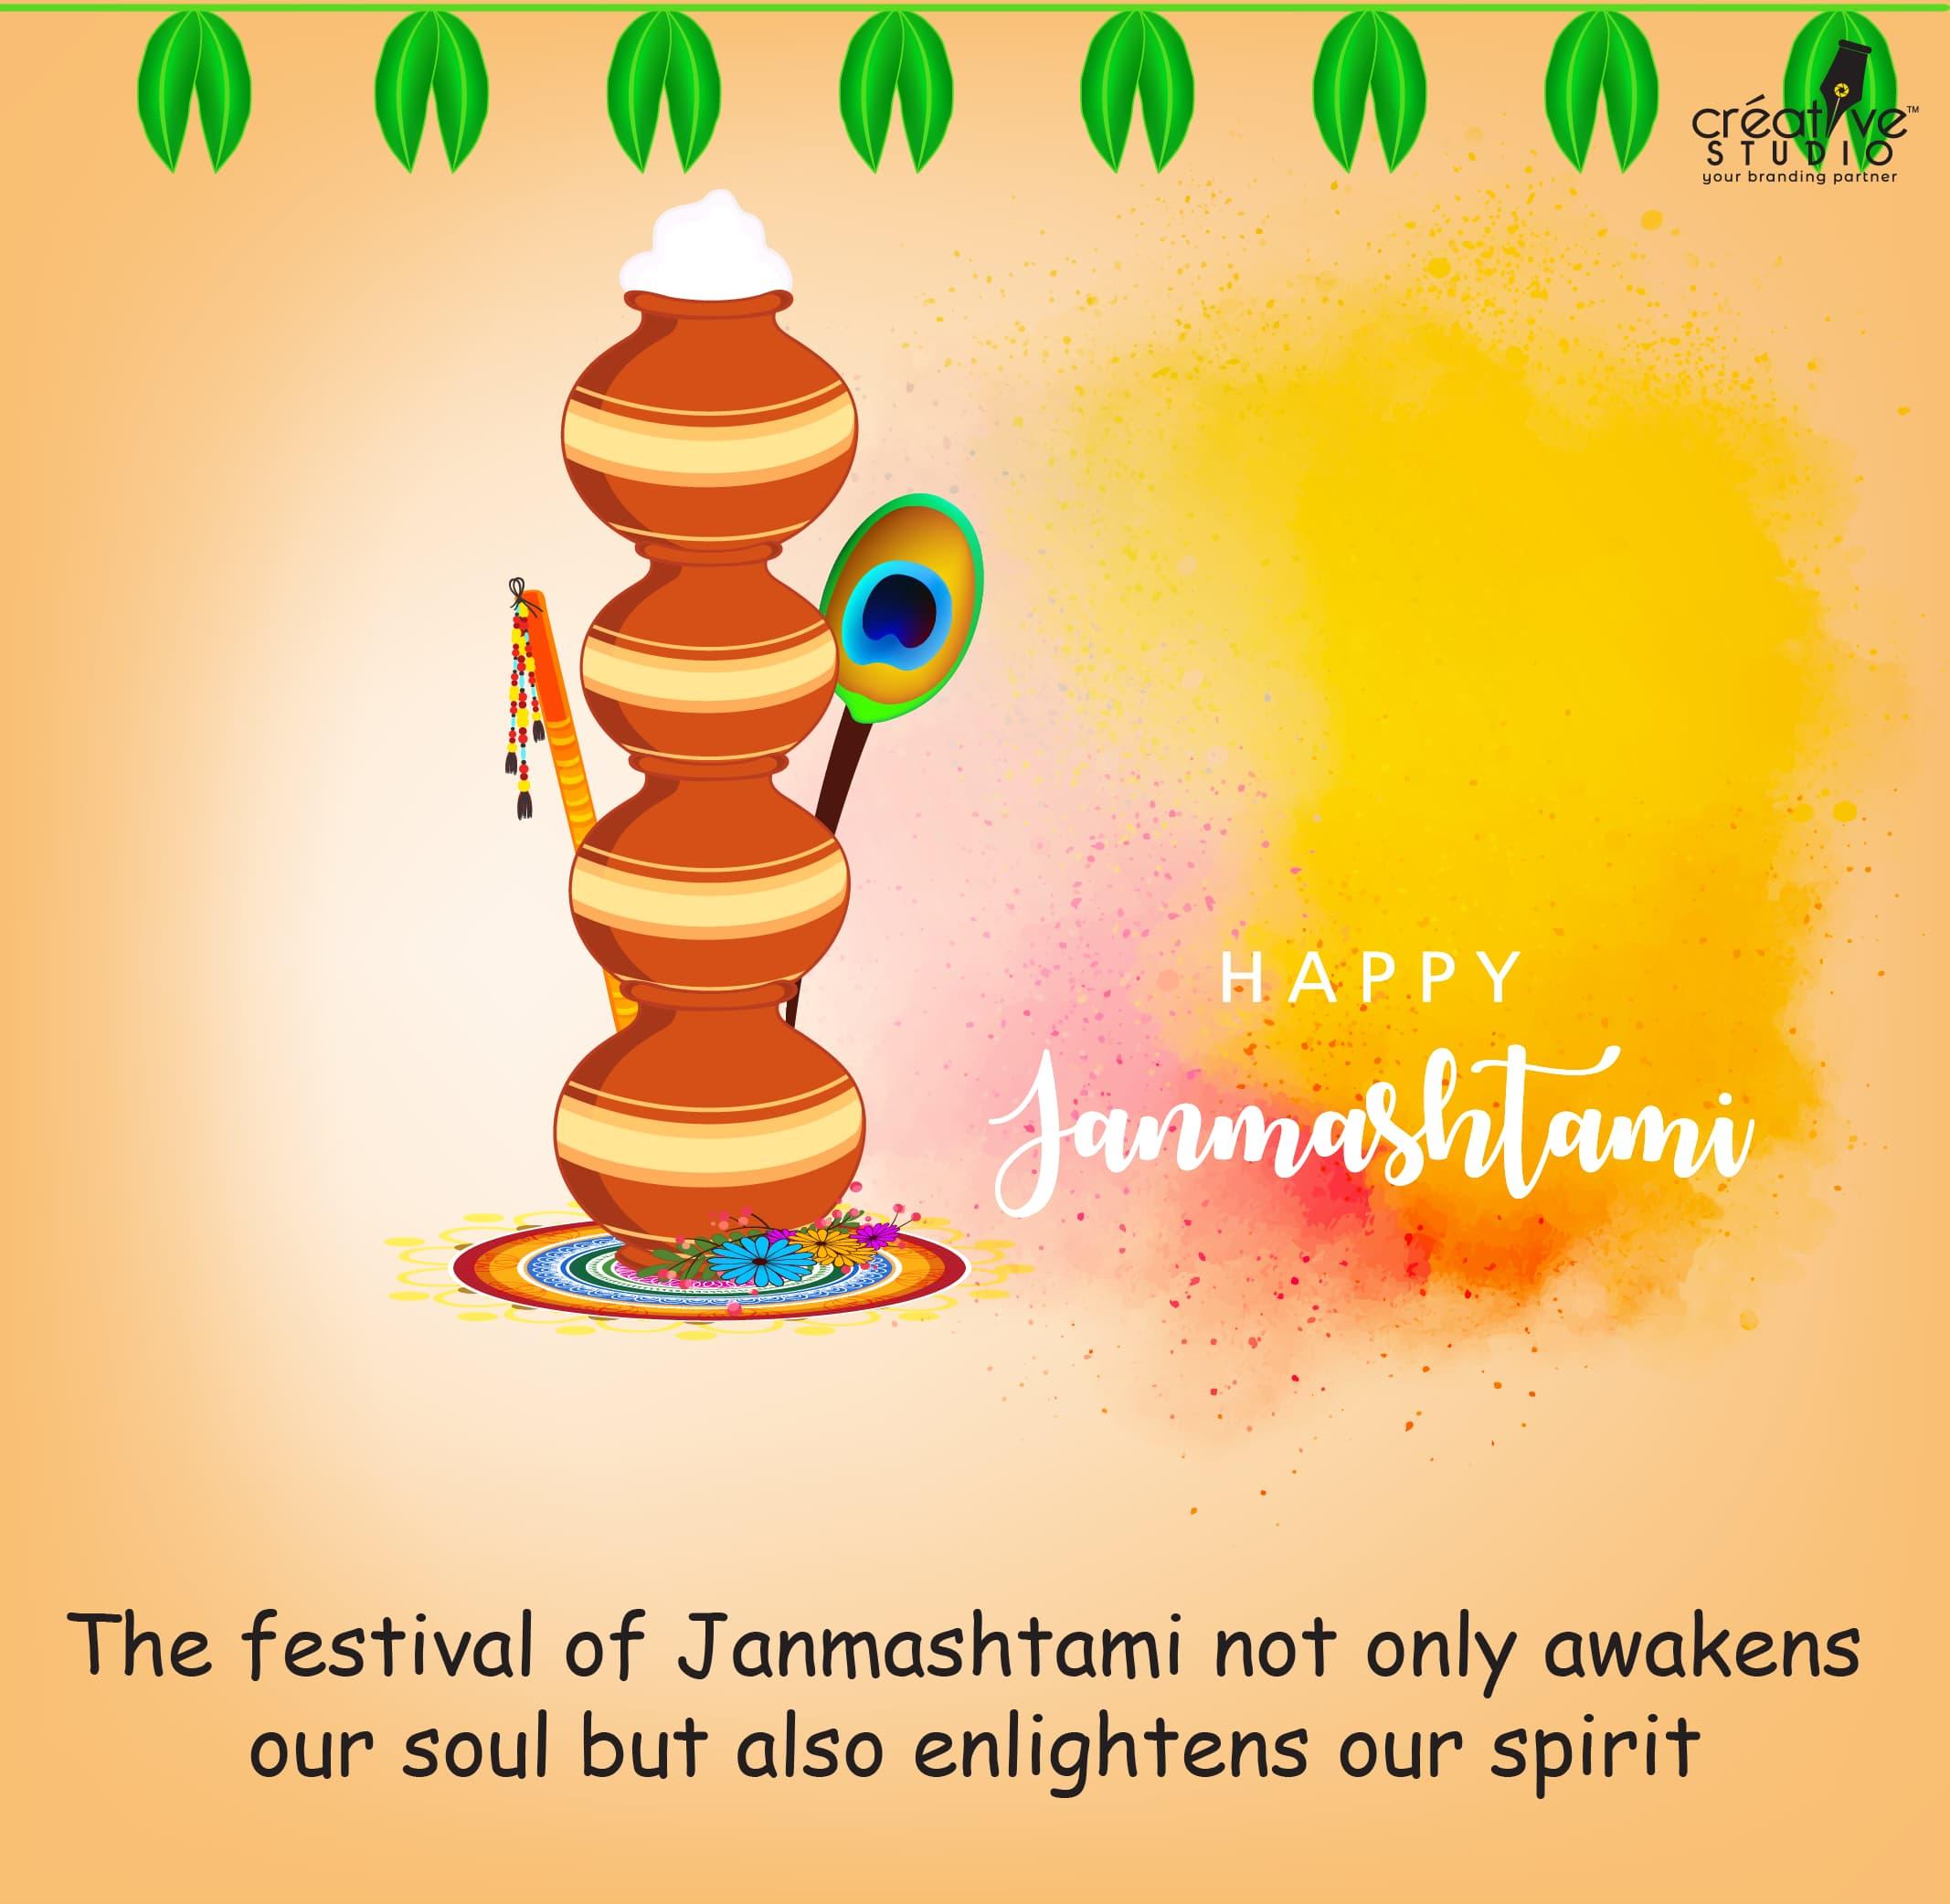 janamasthami 02 - Happy Janmastami